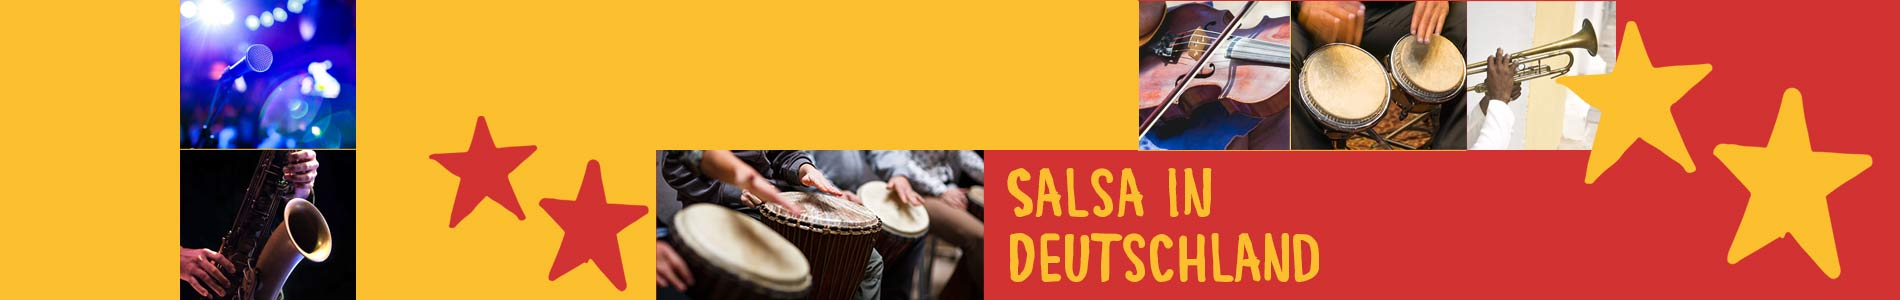 Salsa in Buch am Buchrain – Salsa lernen und tanzen, Tanzkurse, Partys, Veranstaltungen